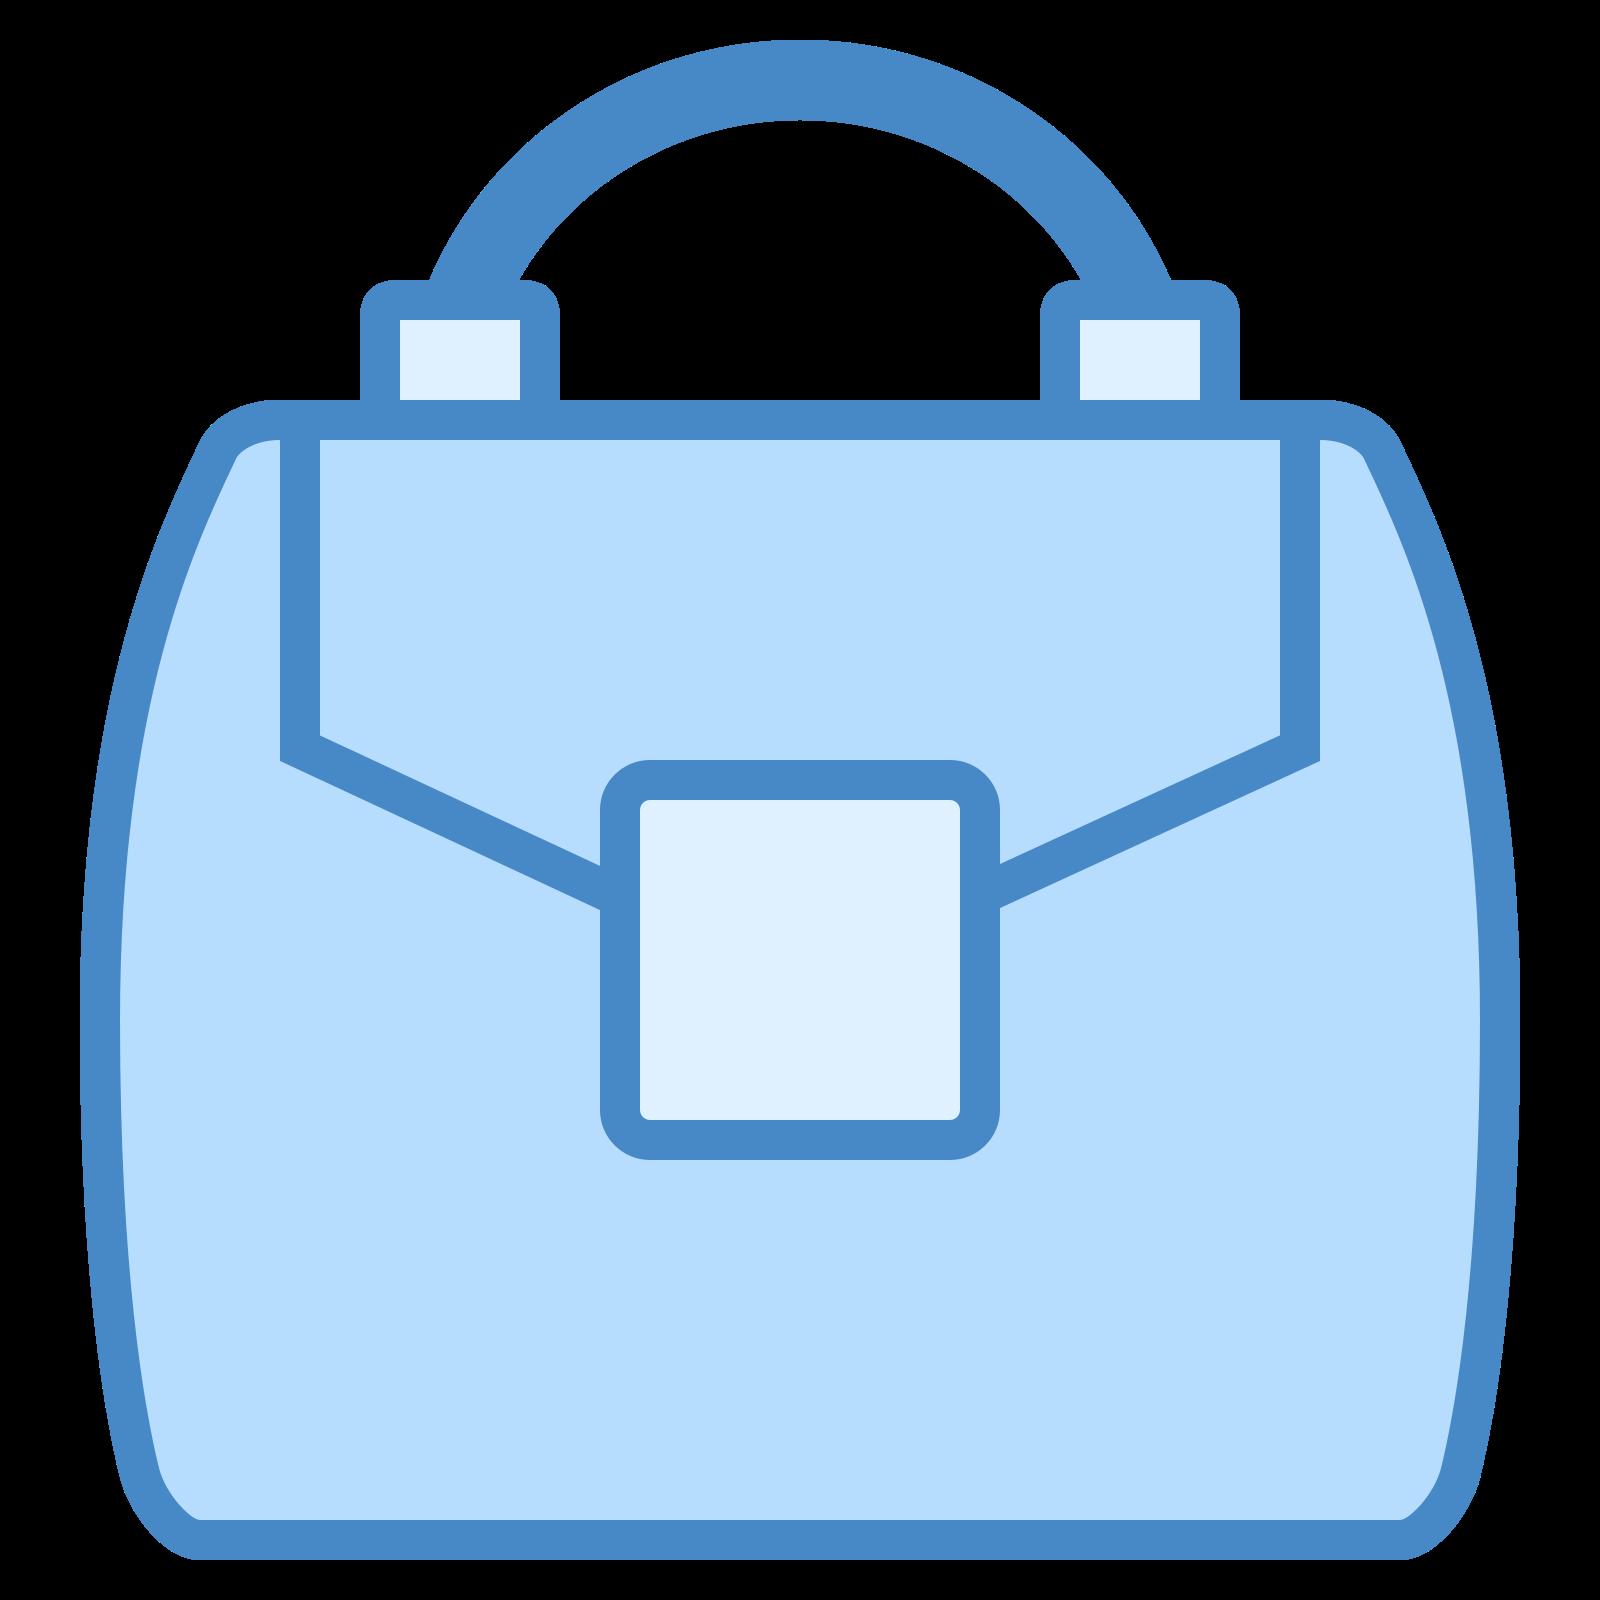 Czerwona Torebka icon